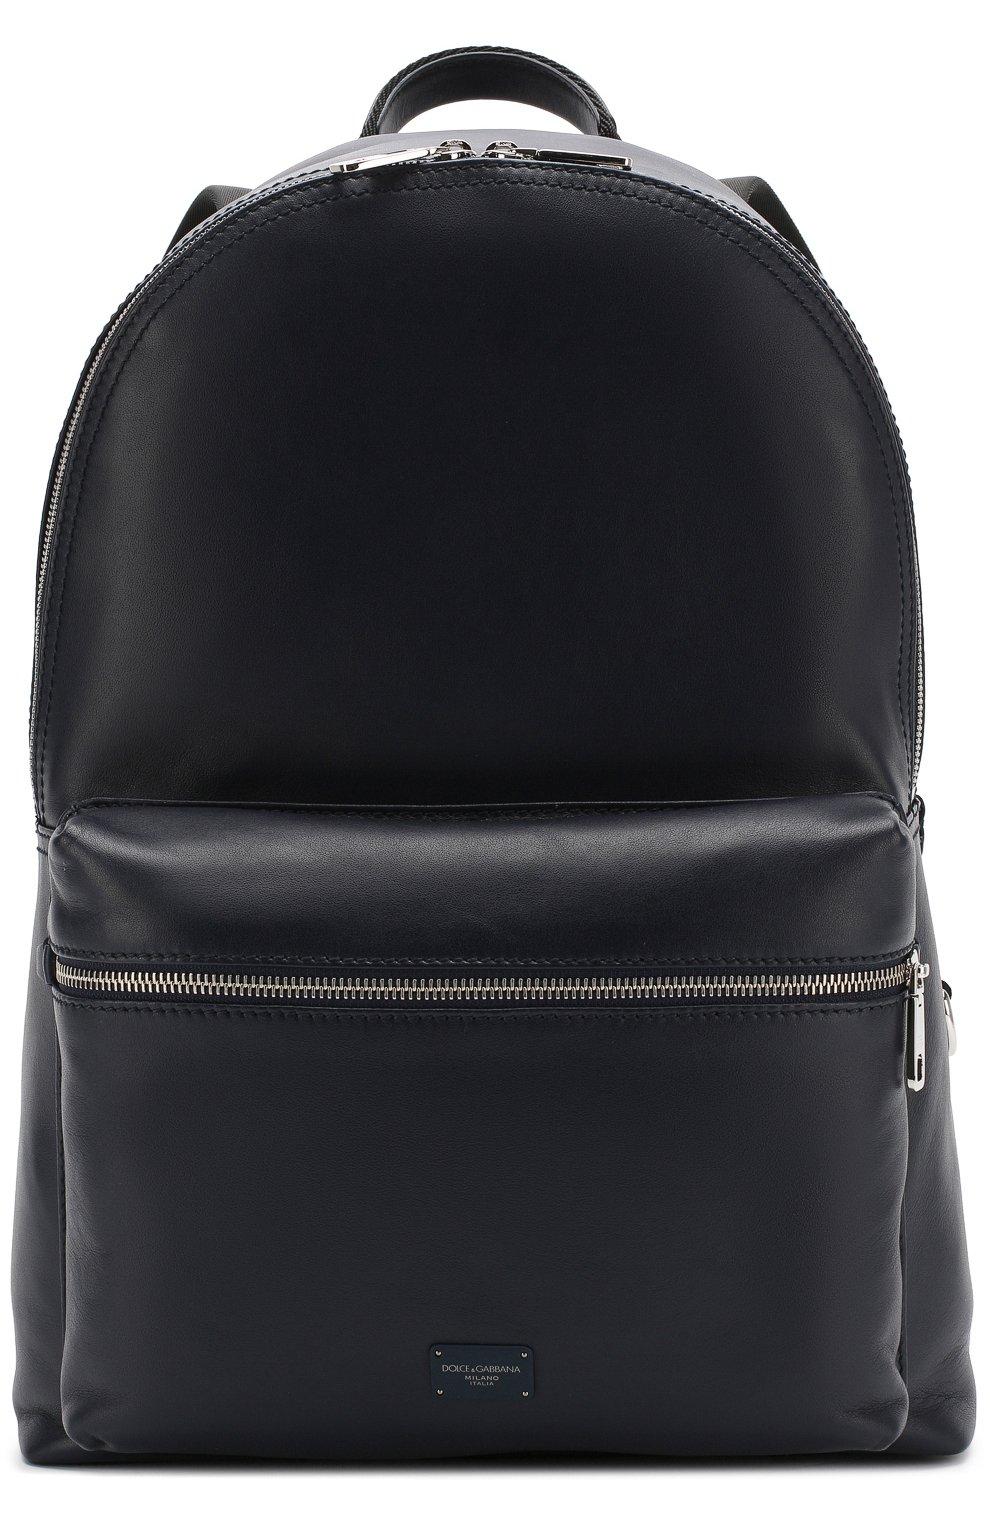 Кожаный рюкзак Vulcano с внешним карманом на молнии | Фото №1